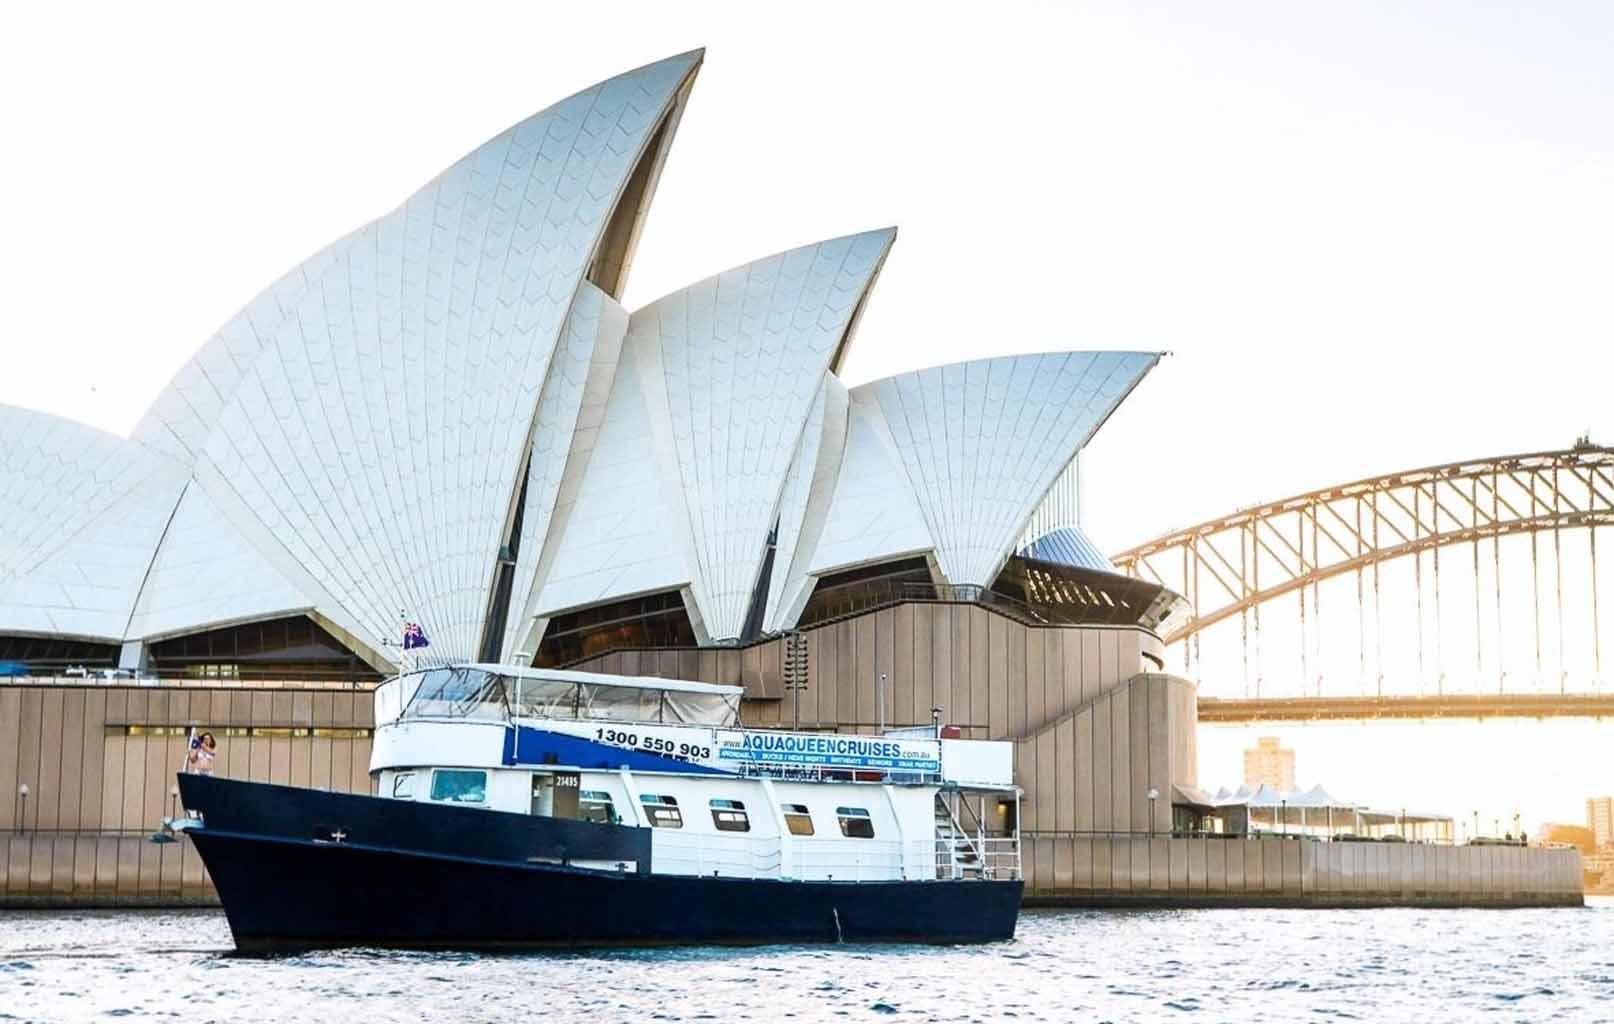 Đi phà trên Vịnh Darling Harbour